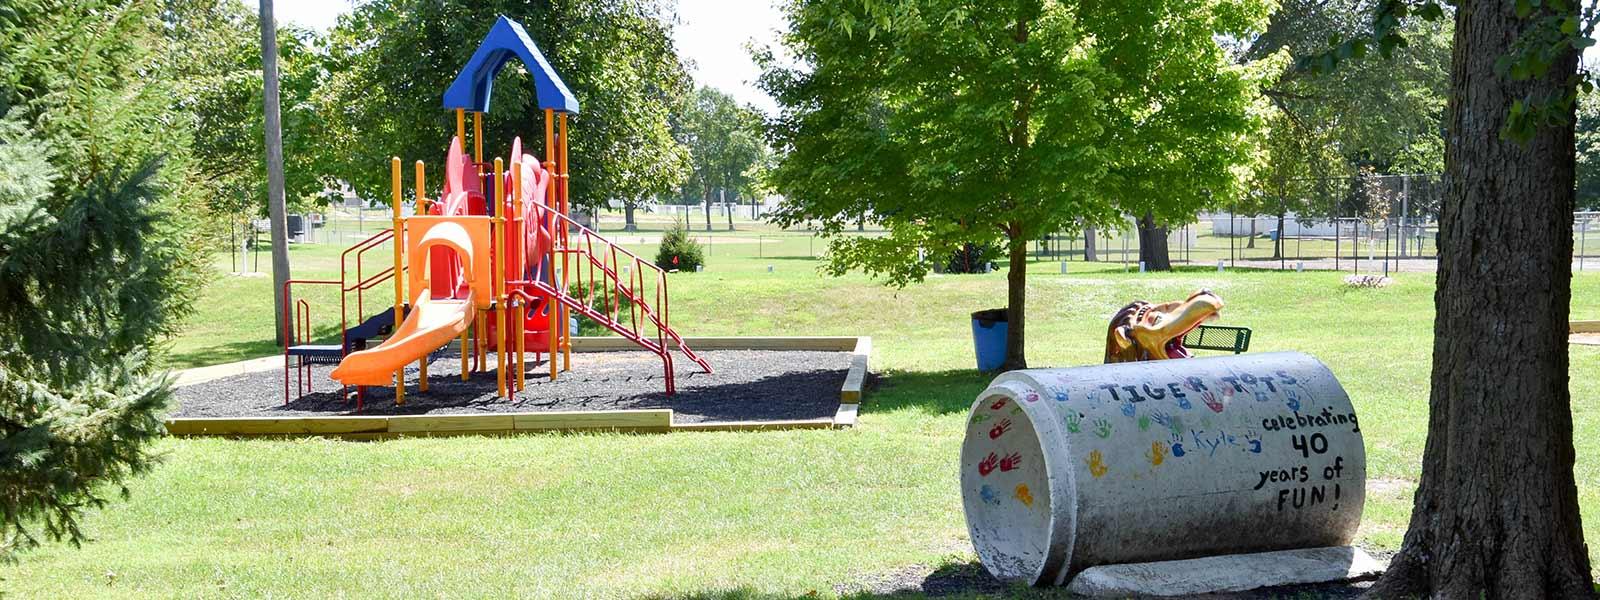 Edgewood Playground